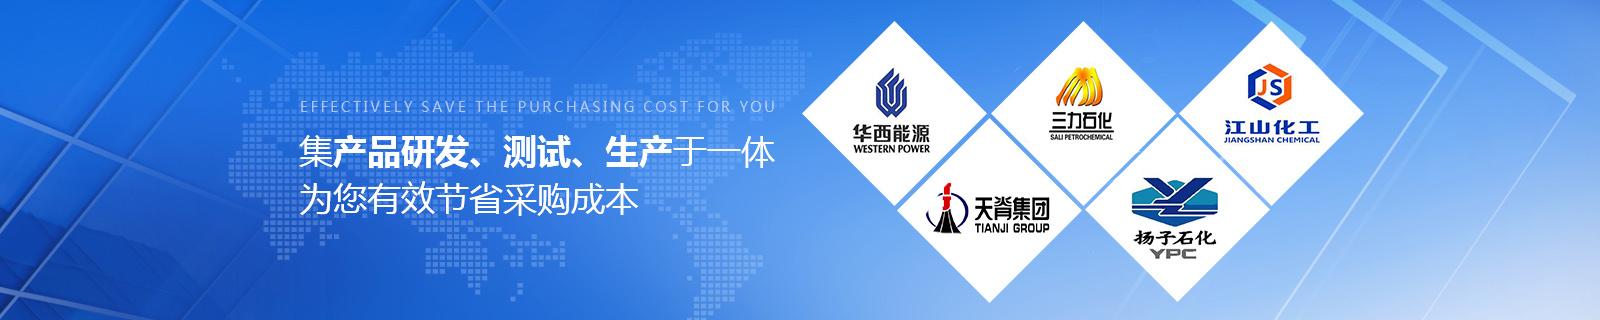 国泰机械集产品研发、测试、生产于伊体,为您有效节省采购成本